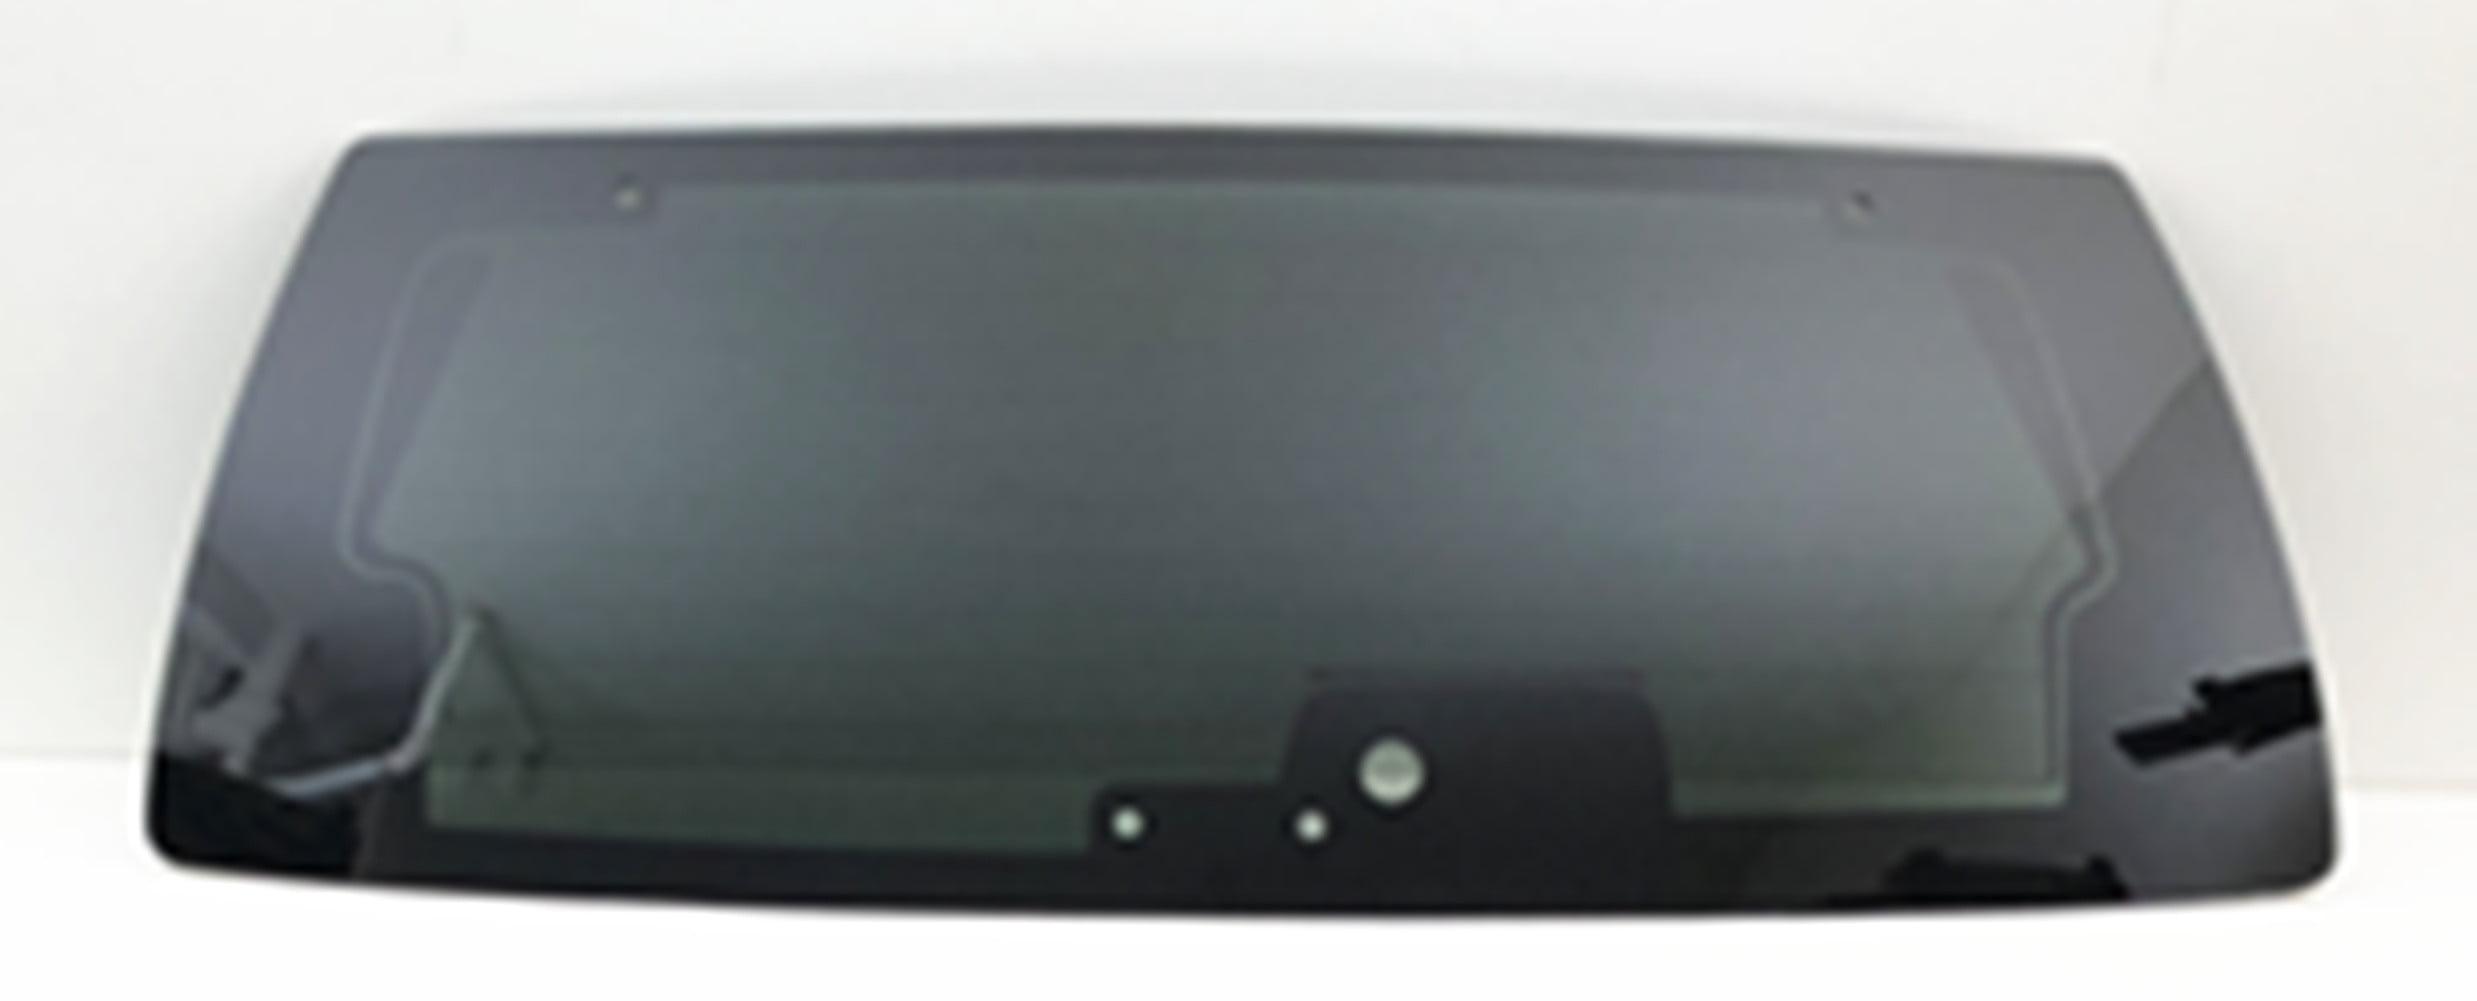 NAGD Compatible with 1997-2001 Mercury Mountaineer 4 Door Utility Passenger Side Right Rear Door Window Glass